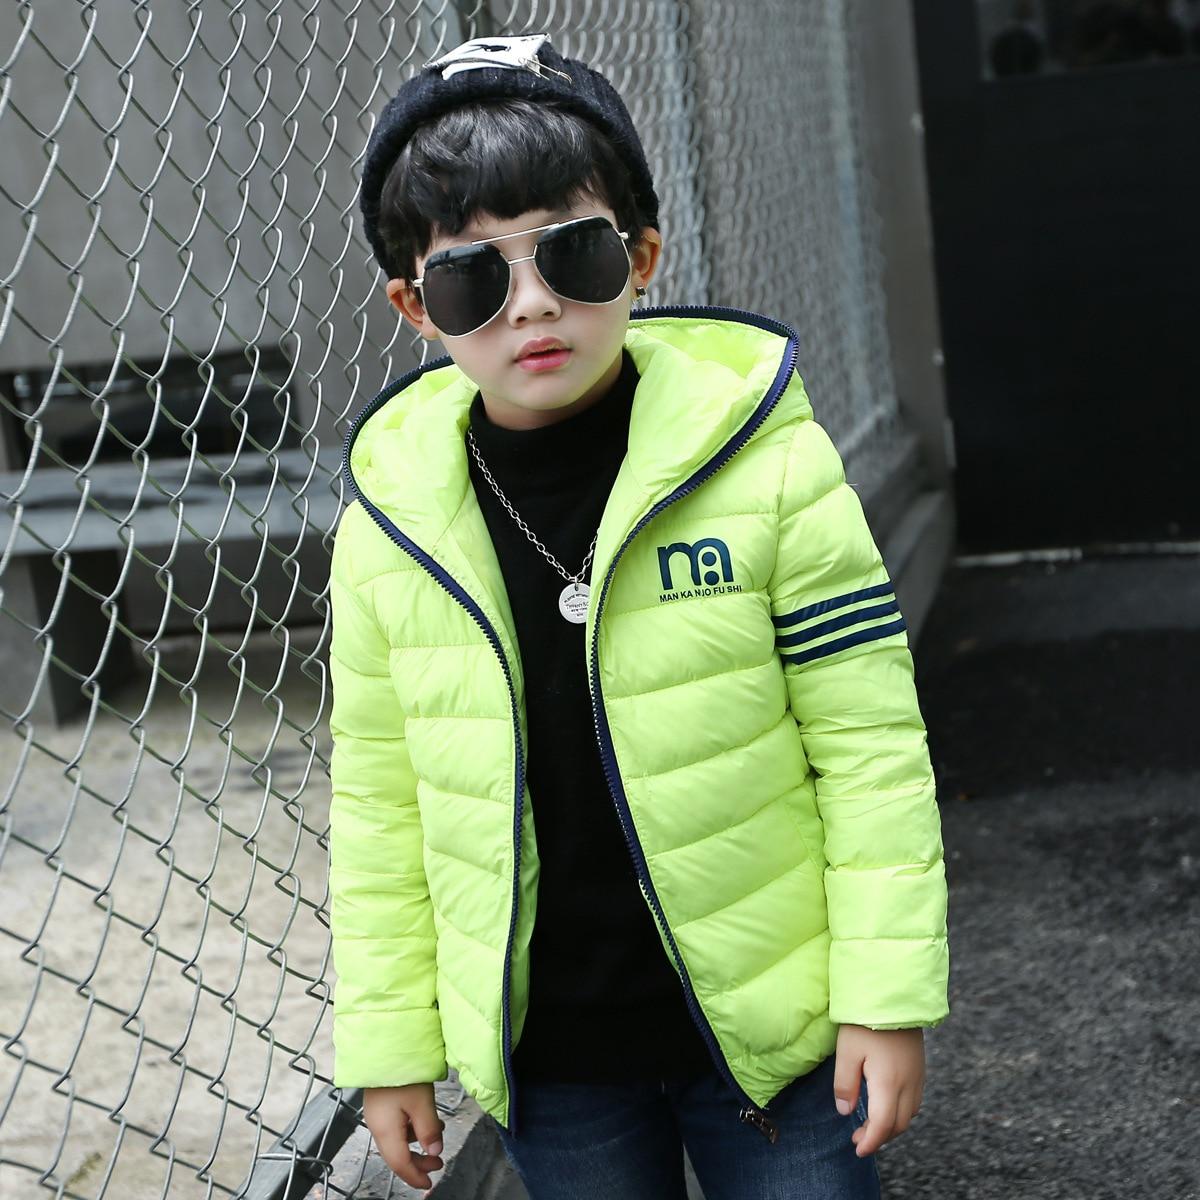 Çocuklar aşağı ceket boy & girl giyim yaş 5-12 yeni çocuk unisex sonbahar & kış ceket kaban çocuk boy & kız sıcak ceket 9806c